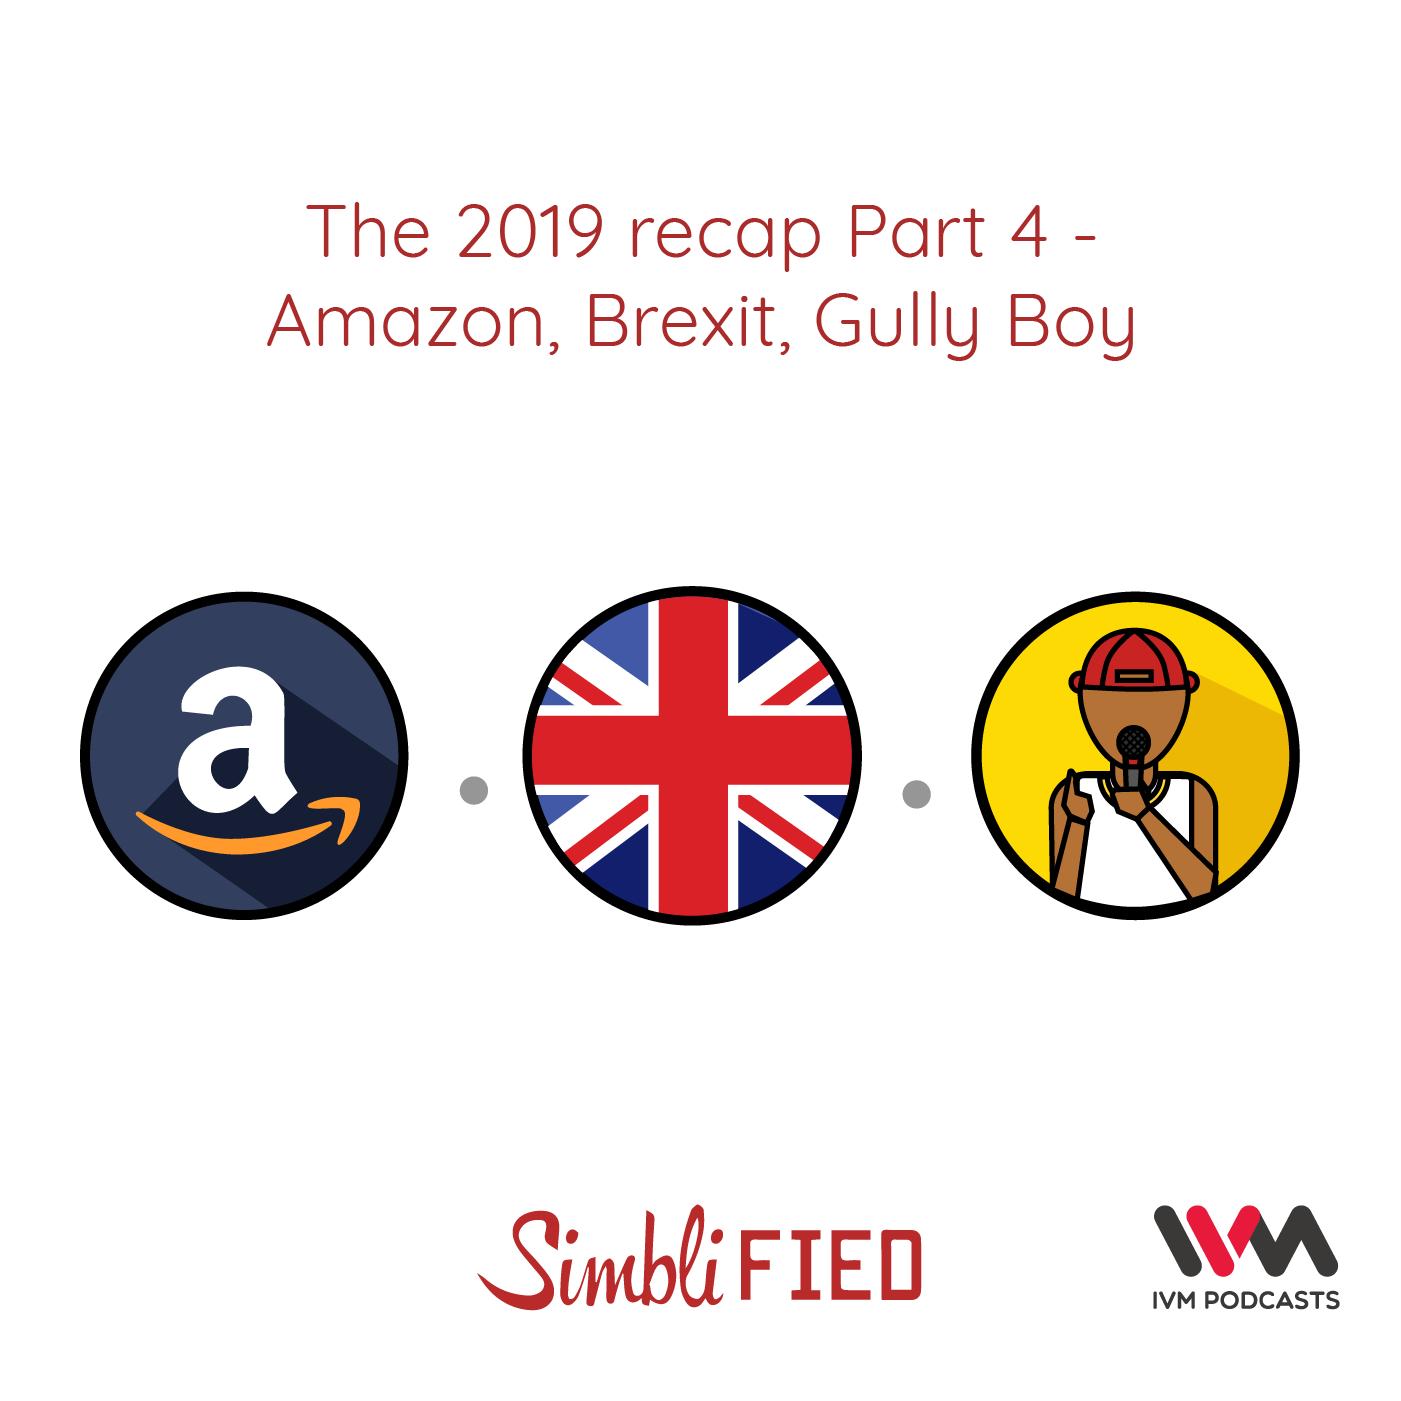 Ep. 164: The 2019 recap part 4: Amazon, Brexit, Gully Boy